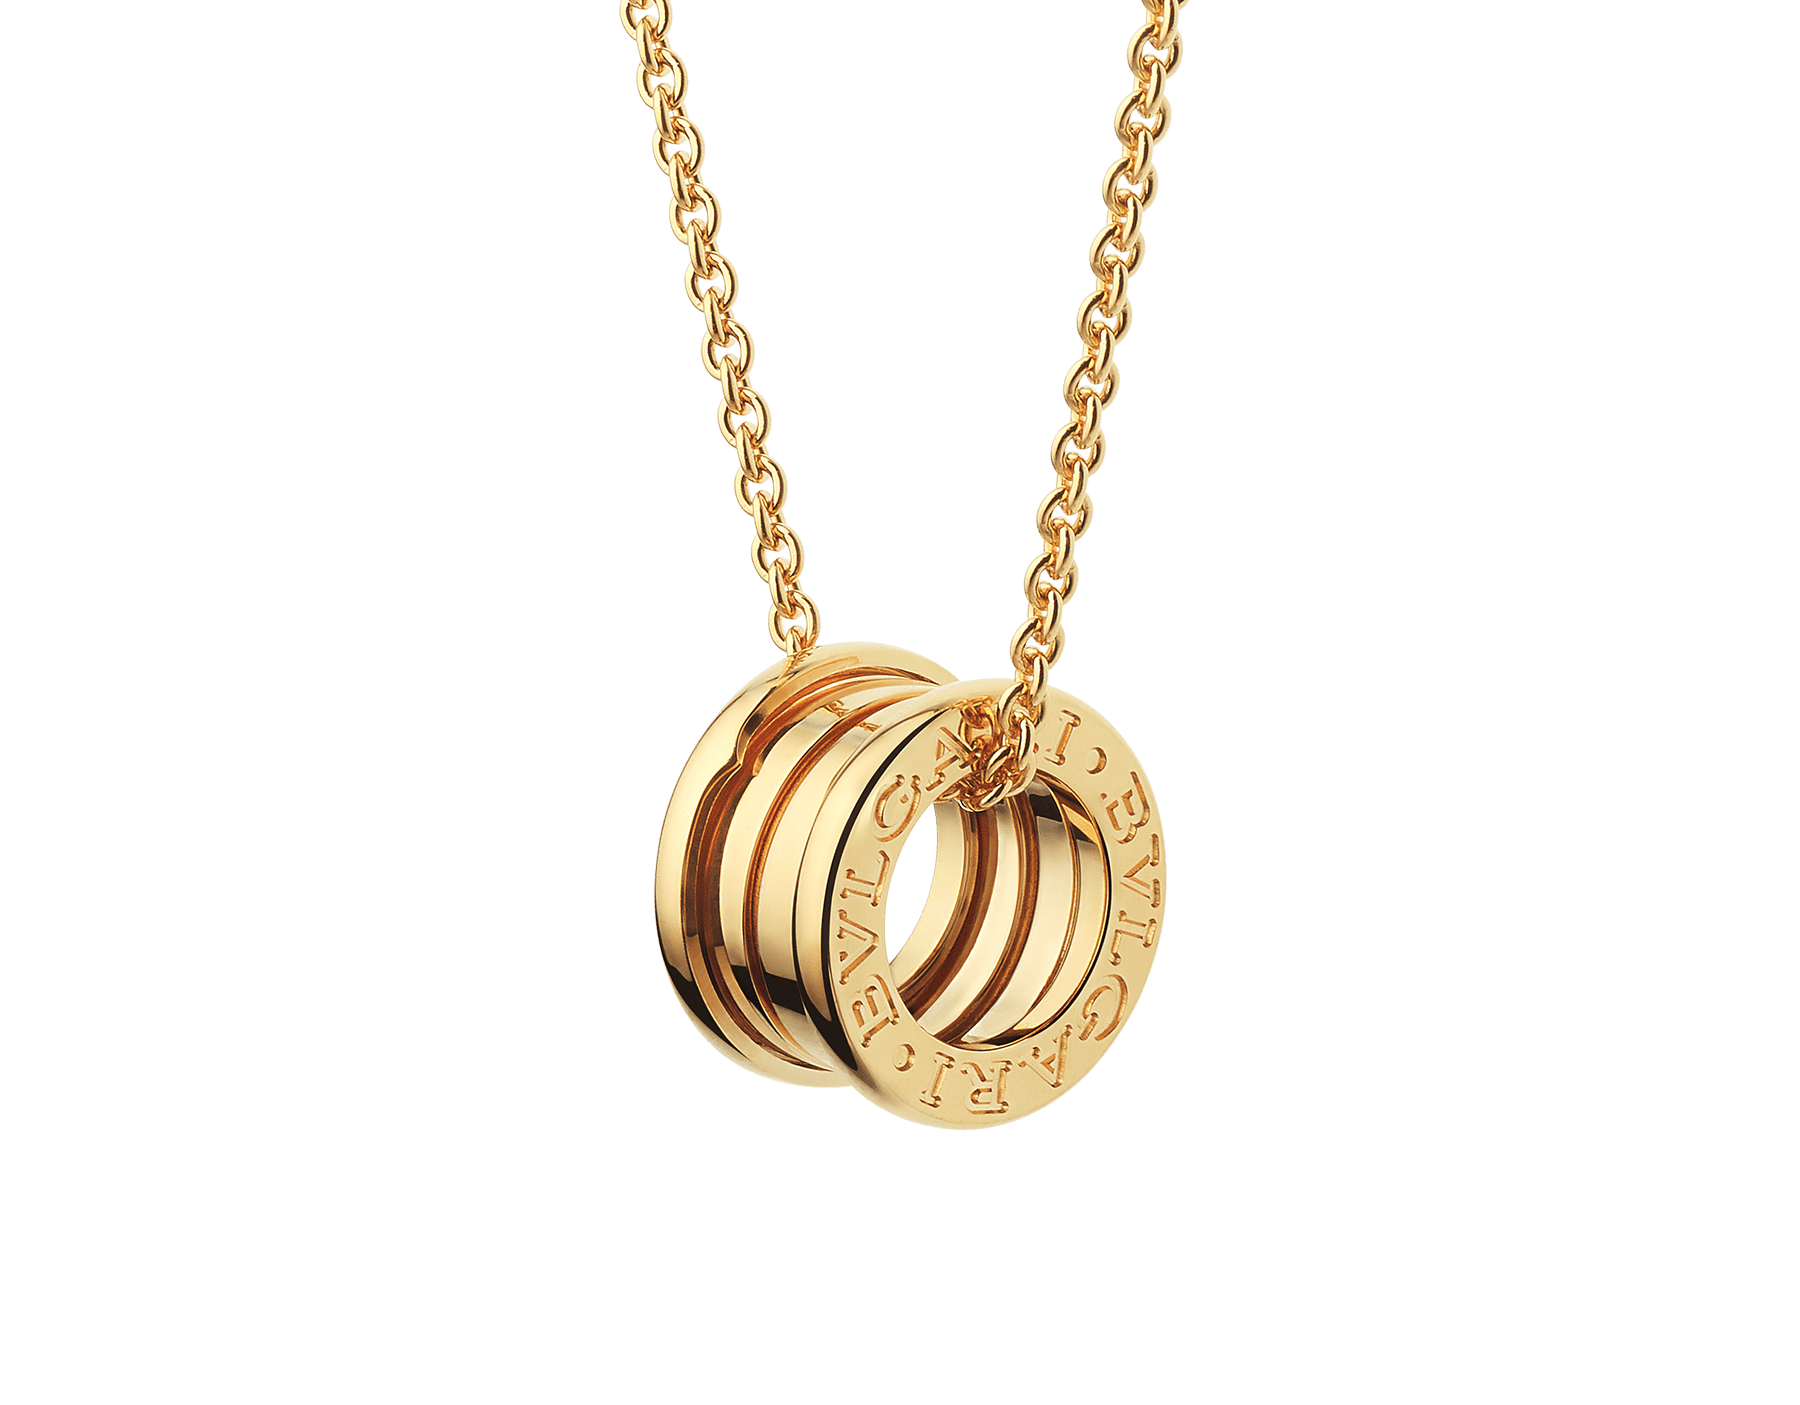 Caractérisé par une spirale emblématique, le pendentif tendance B.zero1 révèle l'esprit contemporain de son design polyvalent et original. 352814 image 1